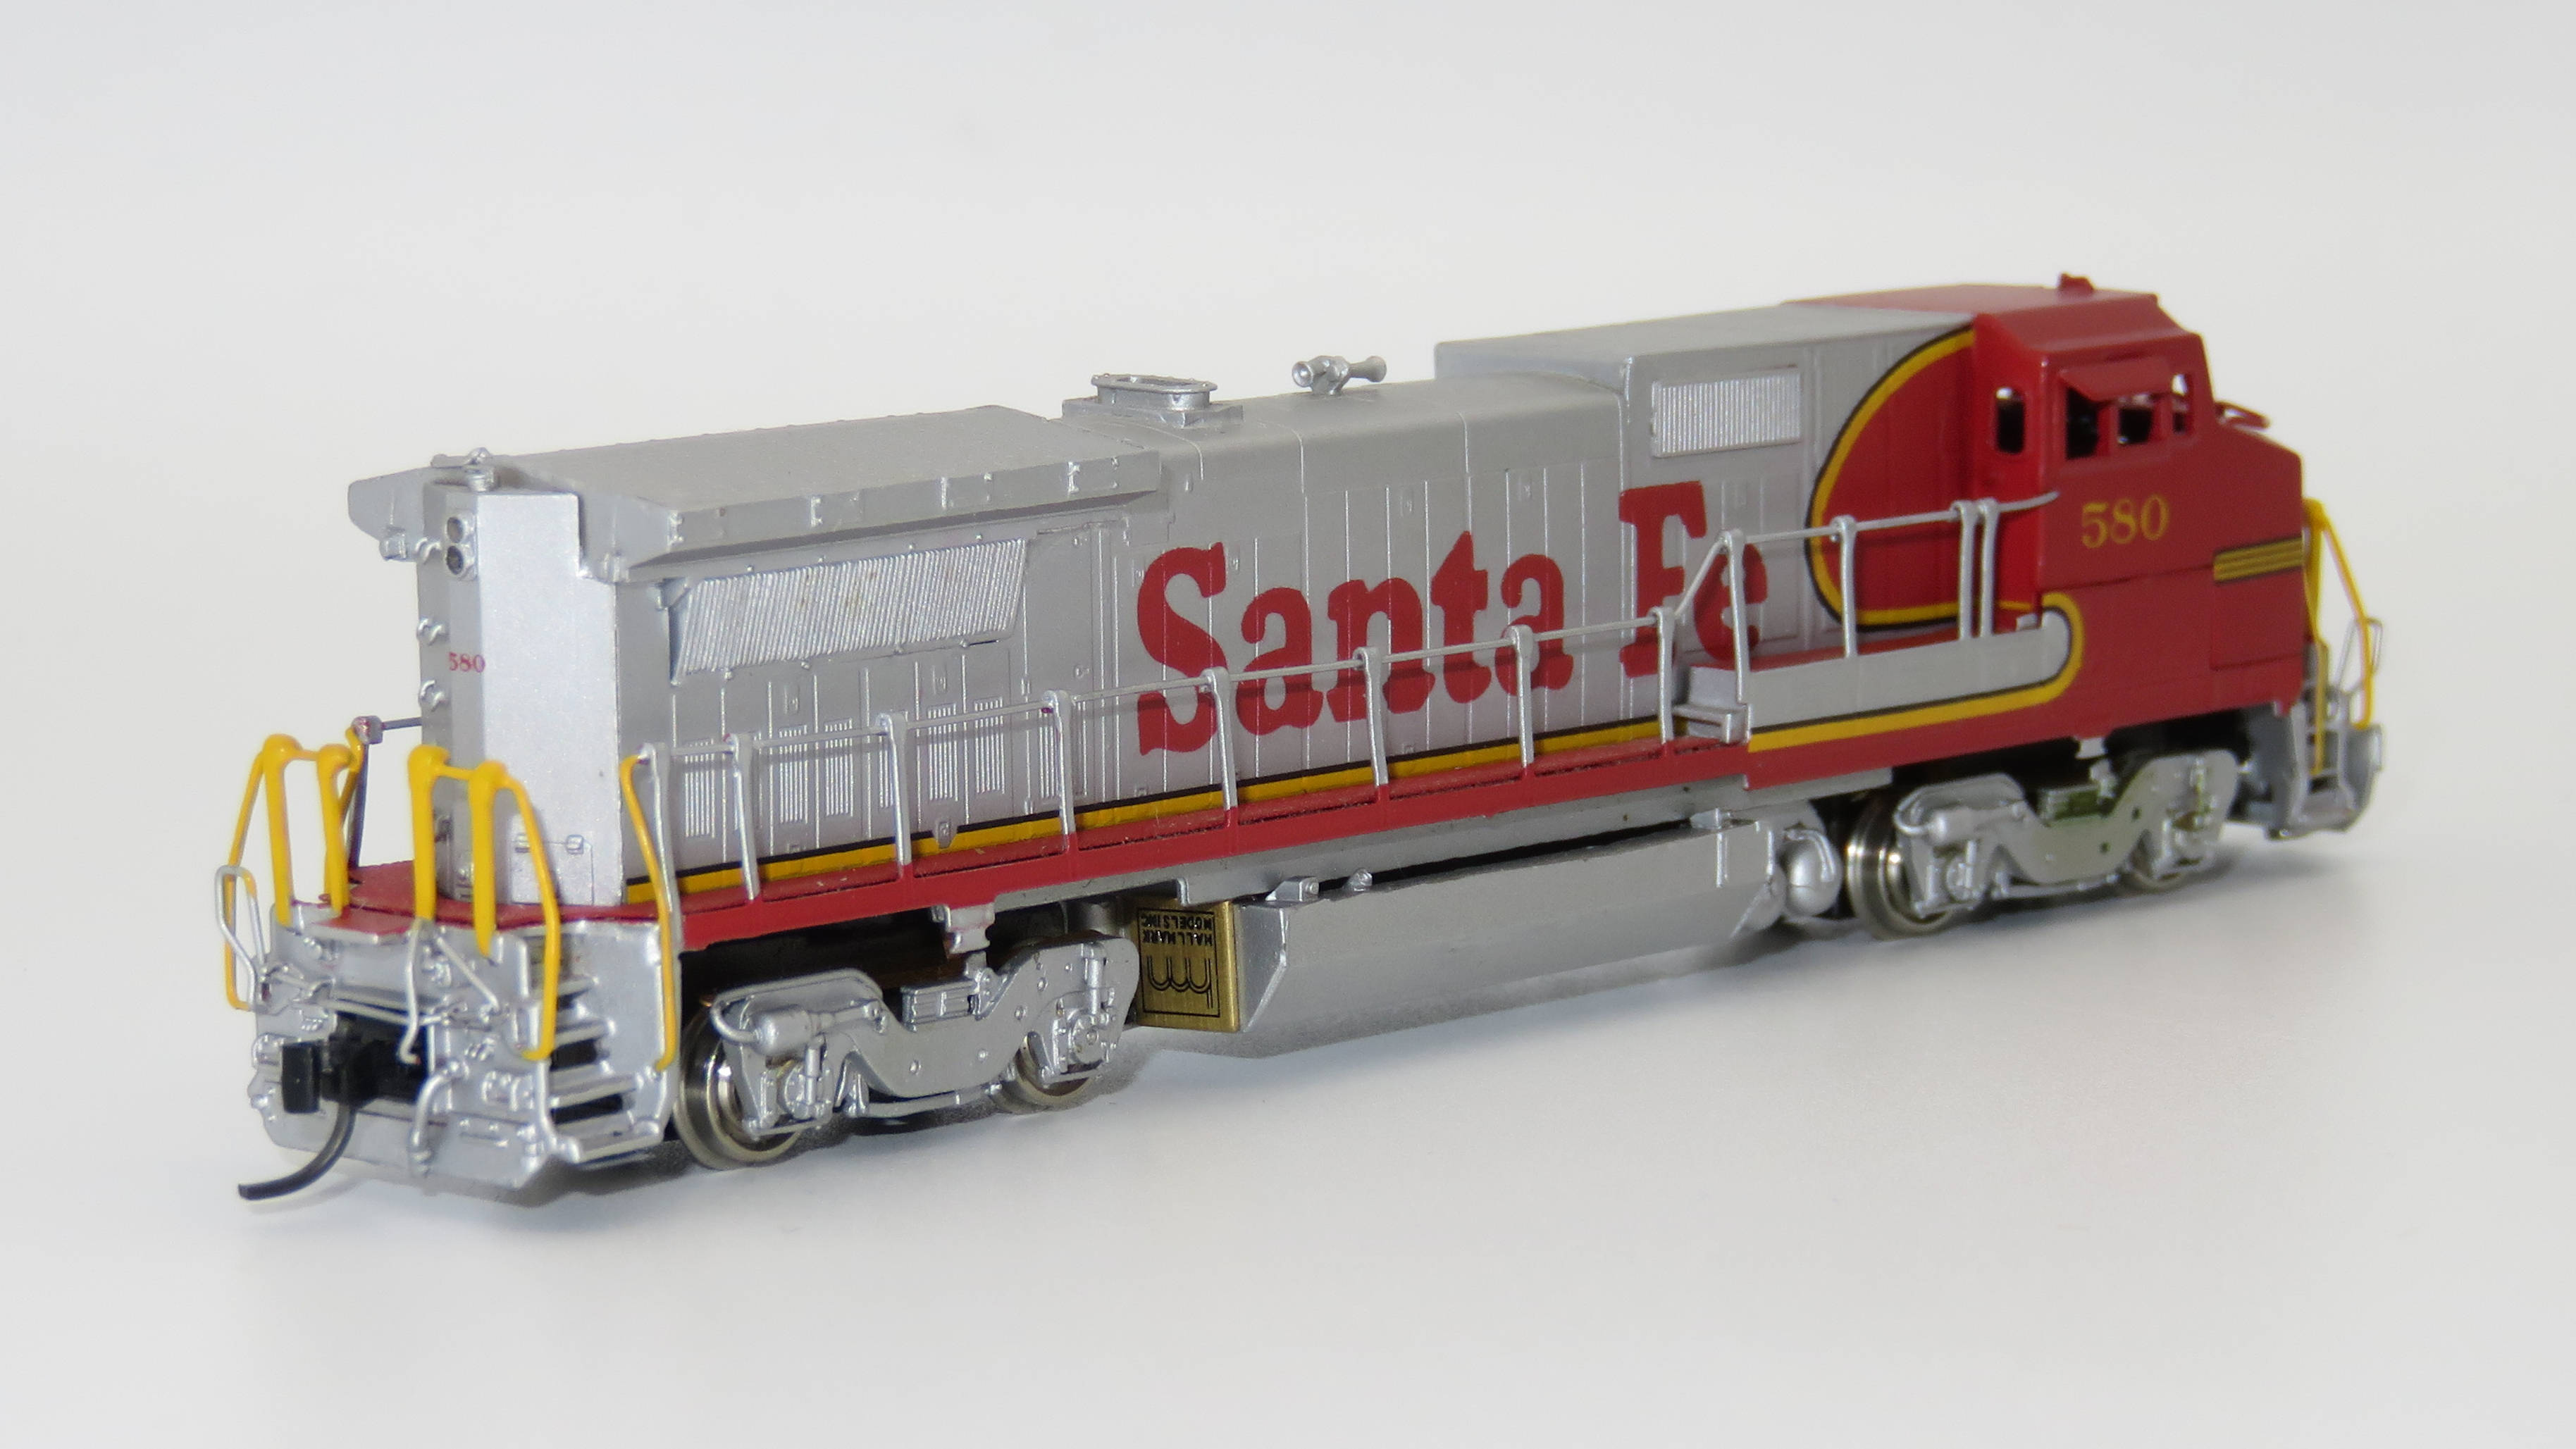 N Scale - Hallmark Models - NS0577-2 - Locomotive, Diesel, GE Dash 8 - Santa Fe - 580